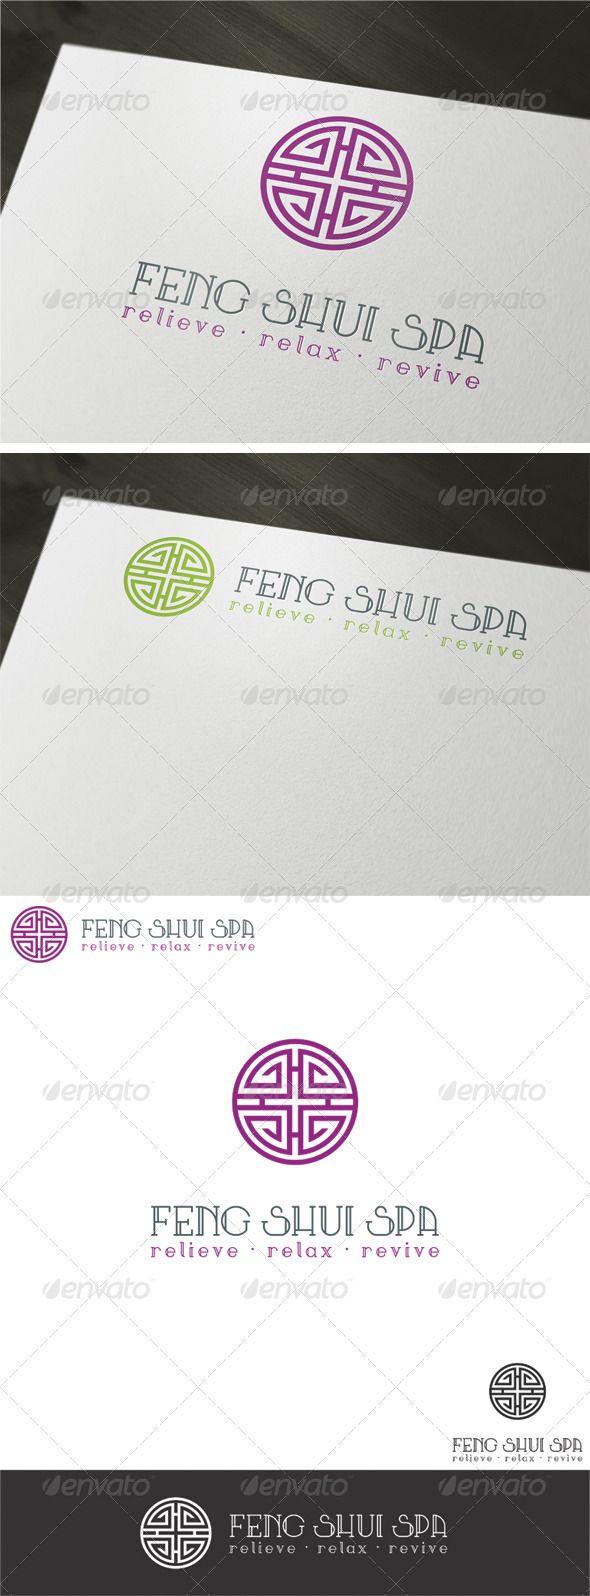 Feng Shui Spa Logo Template - Vector Abstract